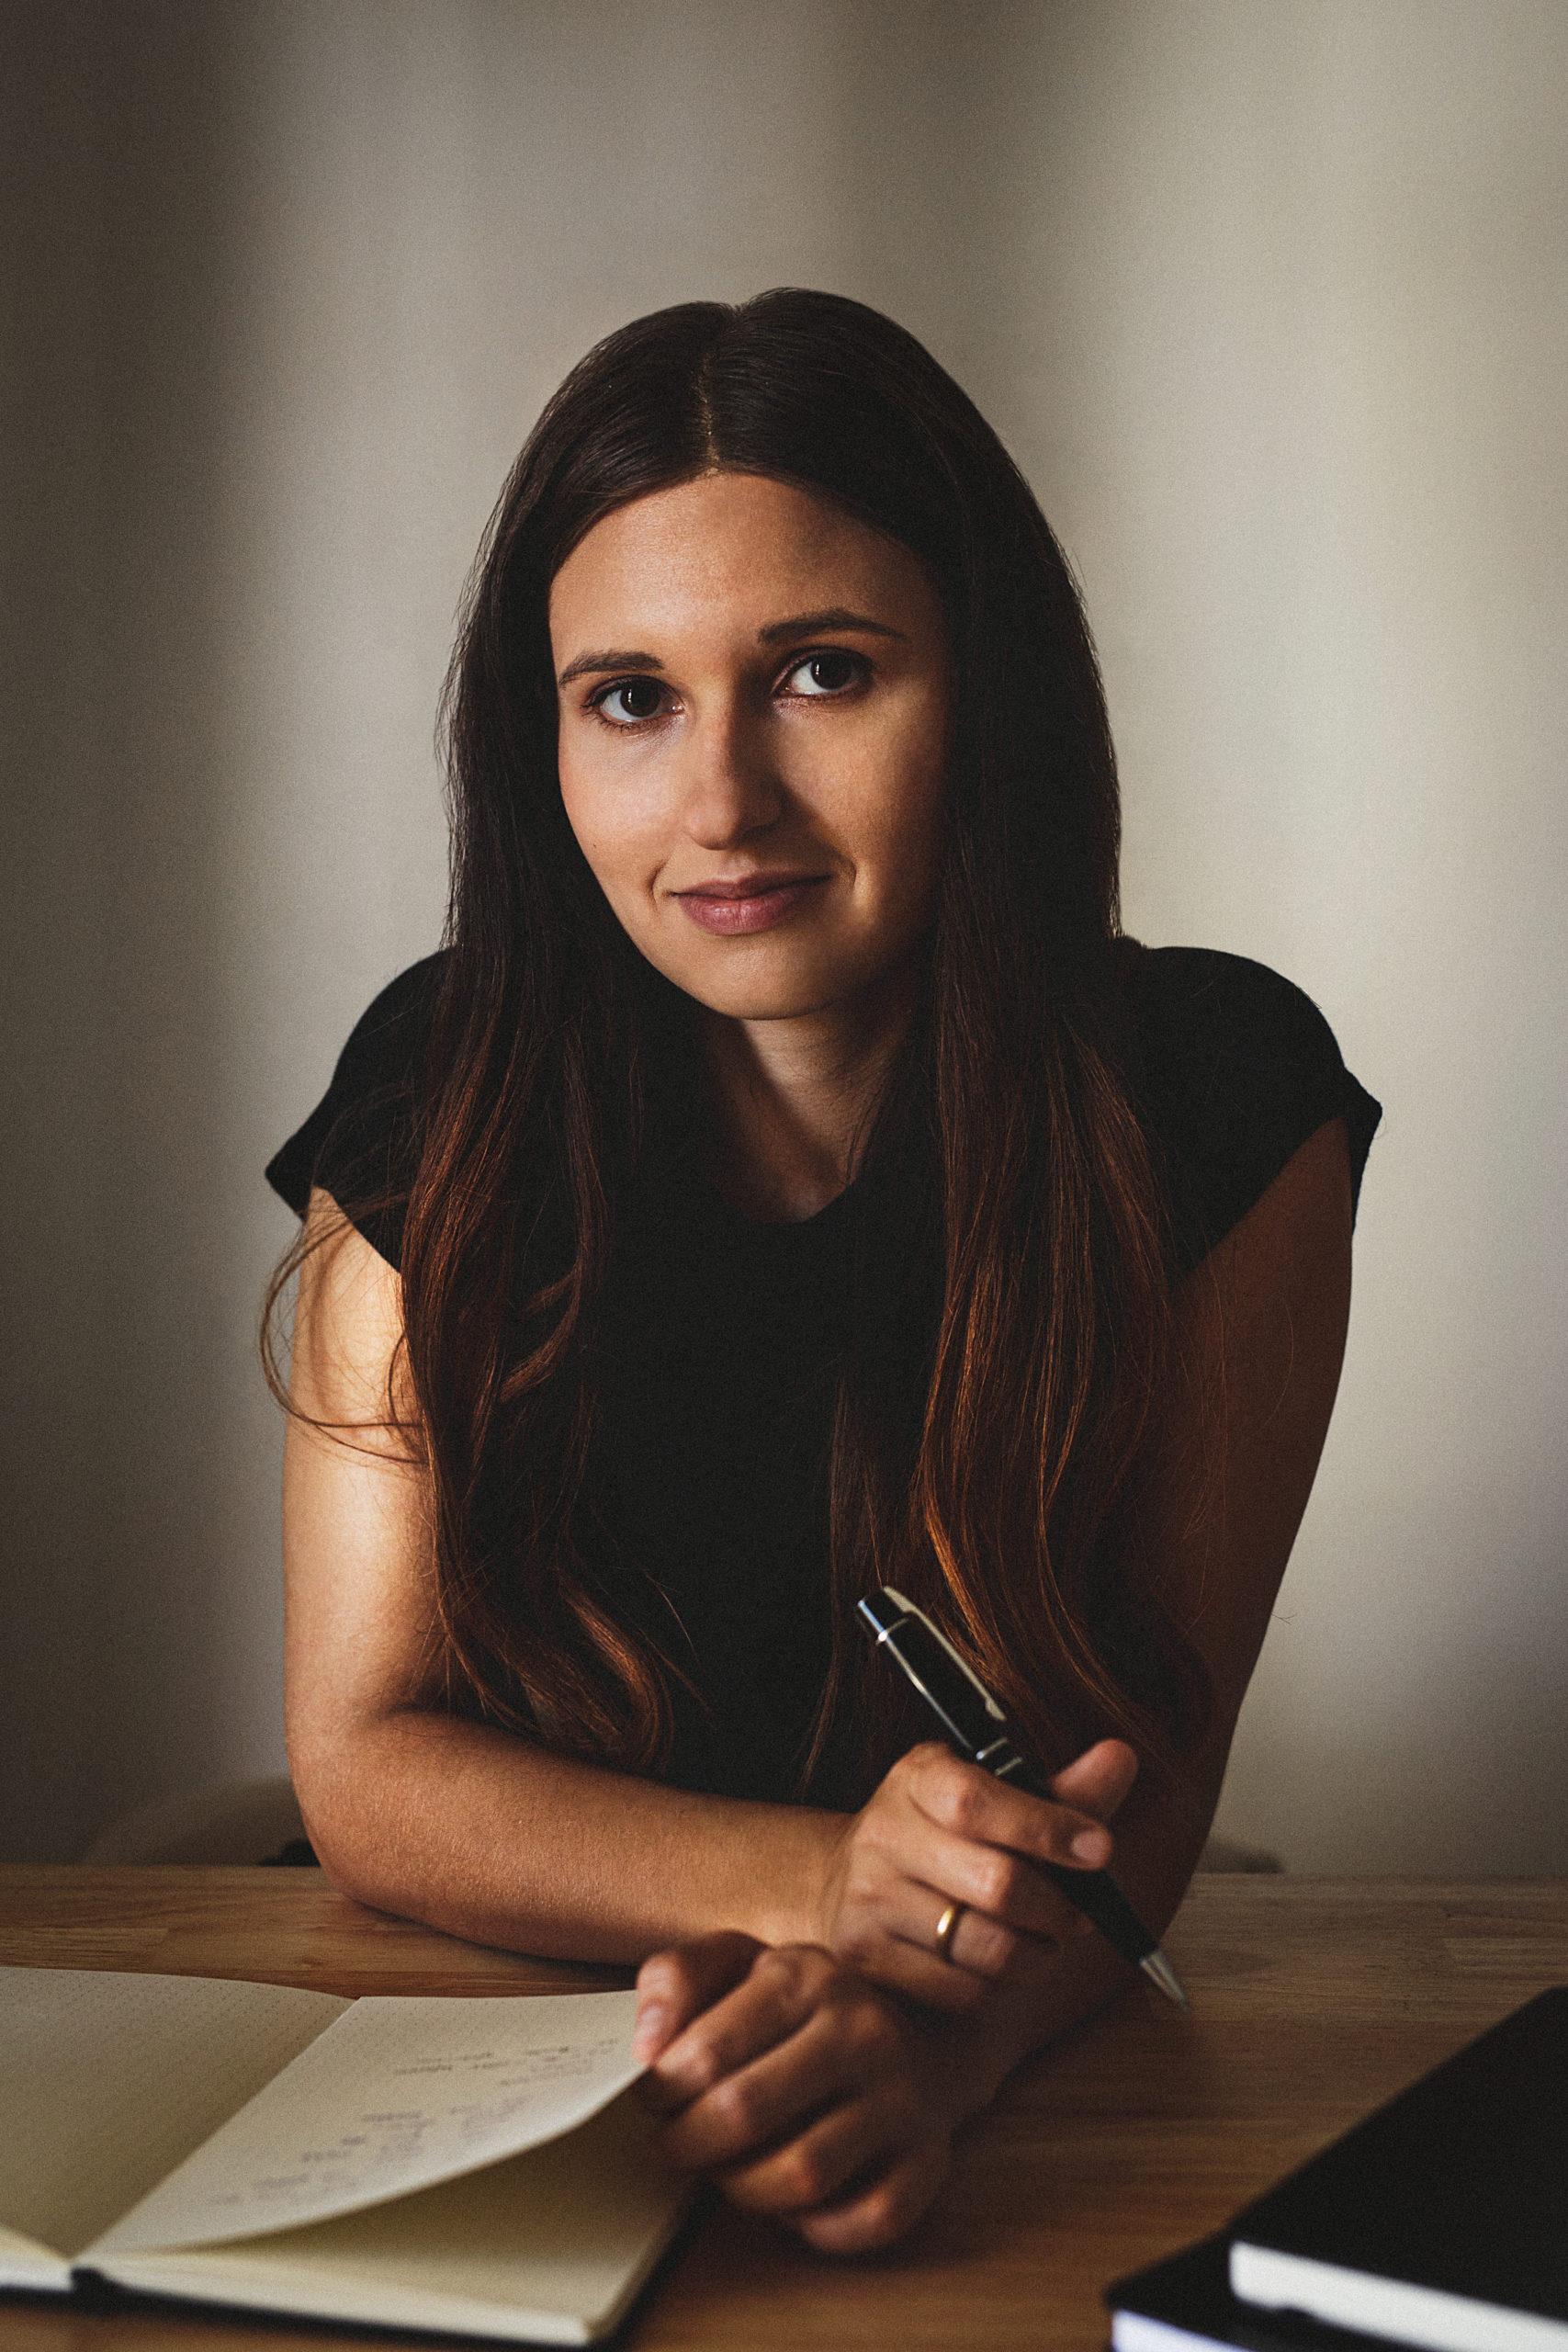 Lisa Stidl